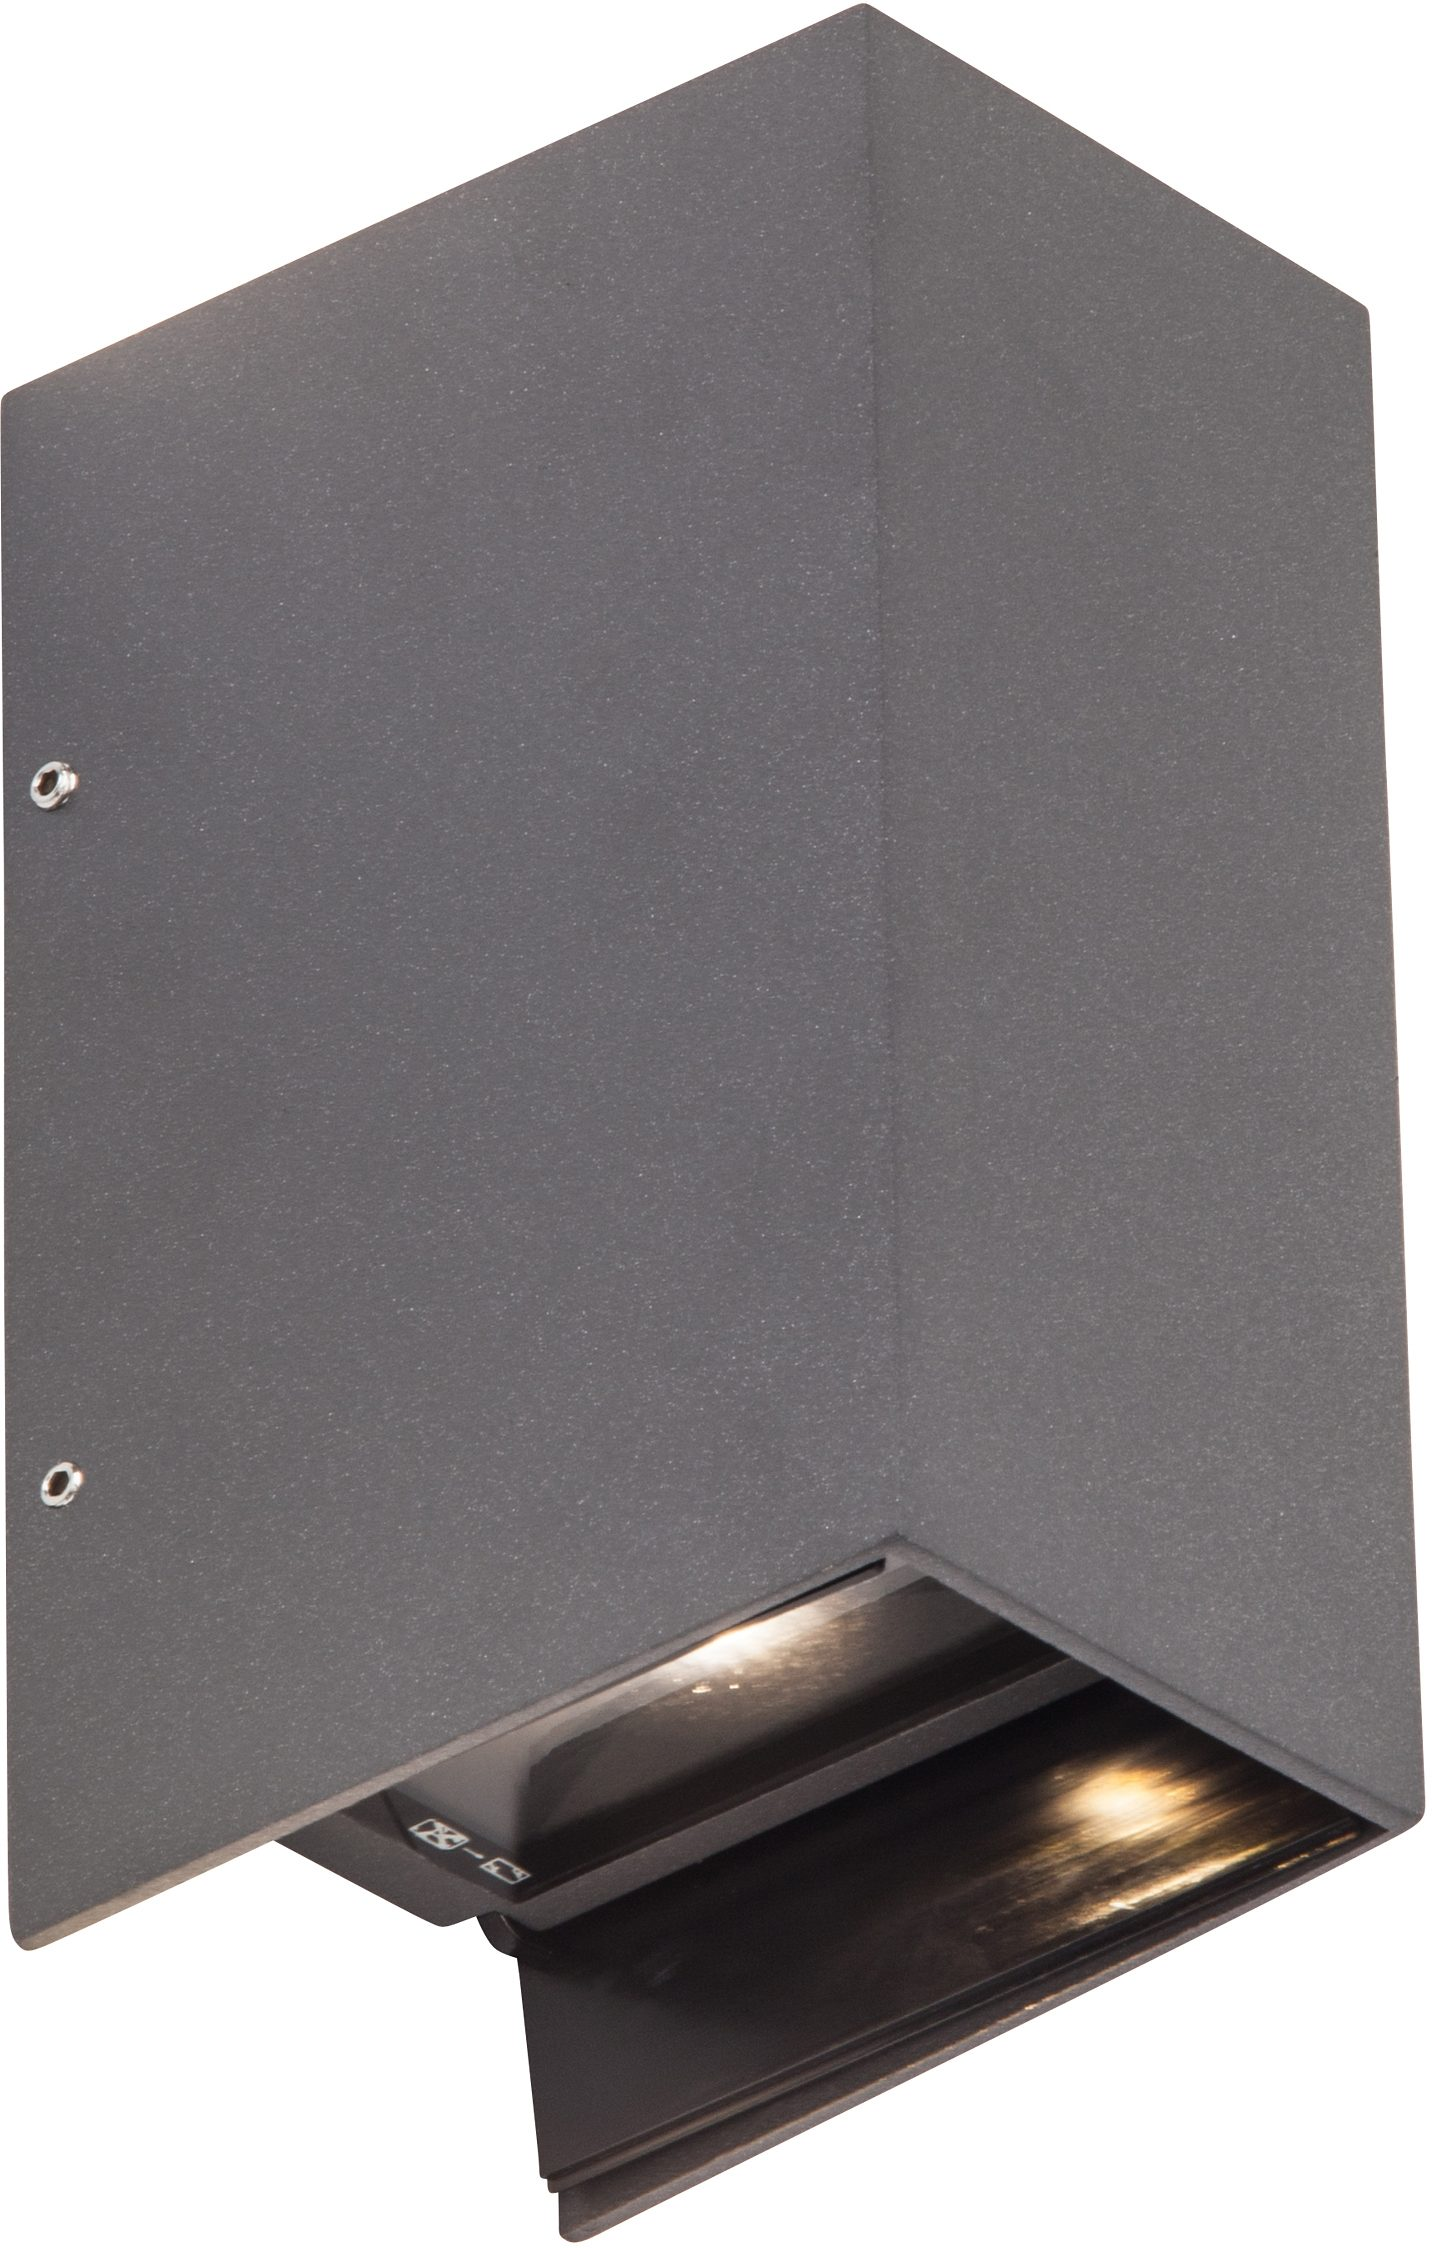 AEG Leuchten LED Außen-Wandleuchte ADAPT